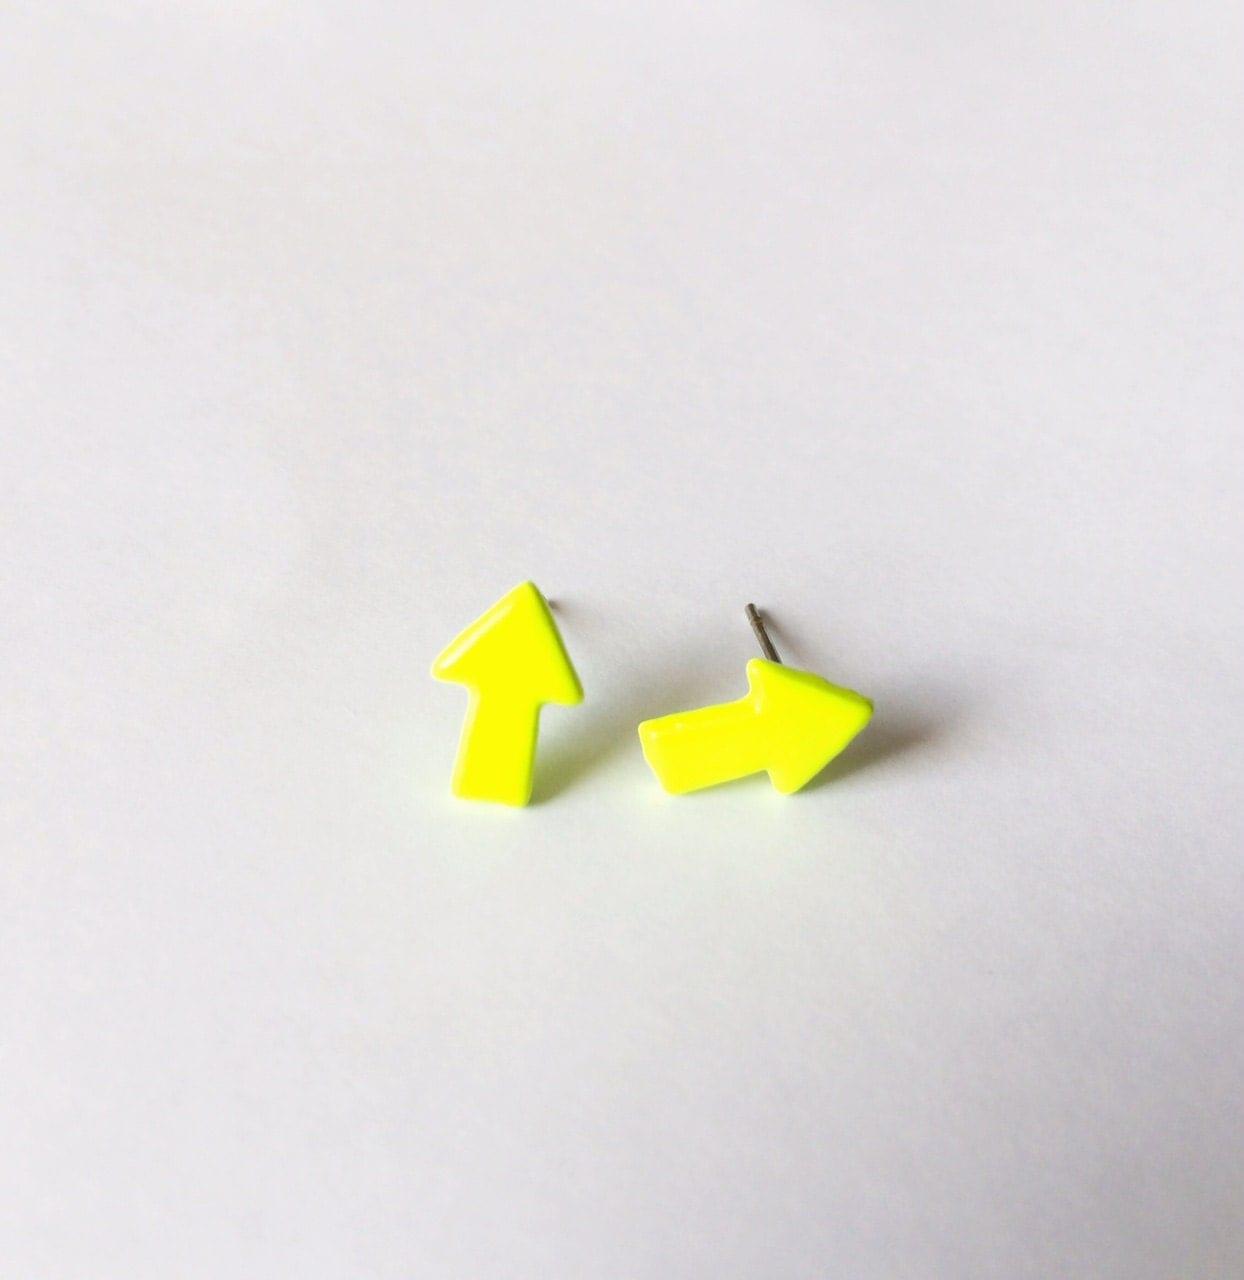 neon yellow arrow earrings neon earrings fashion earrings